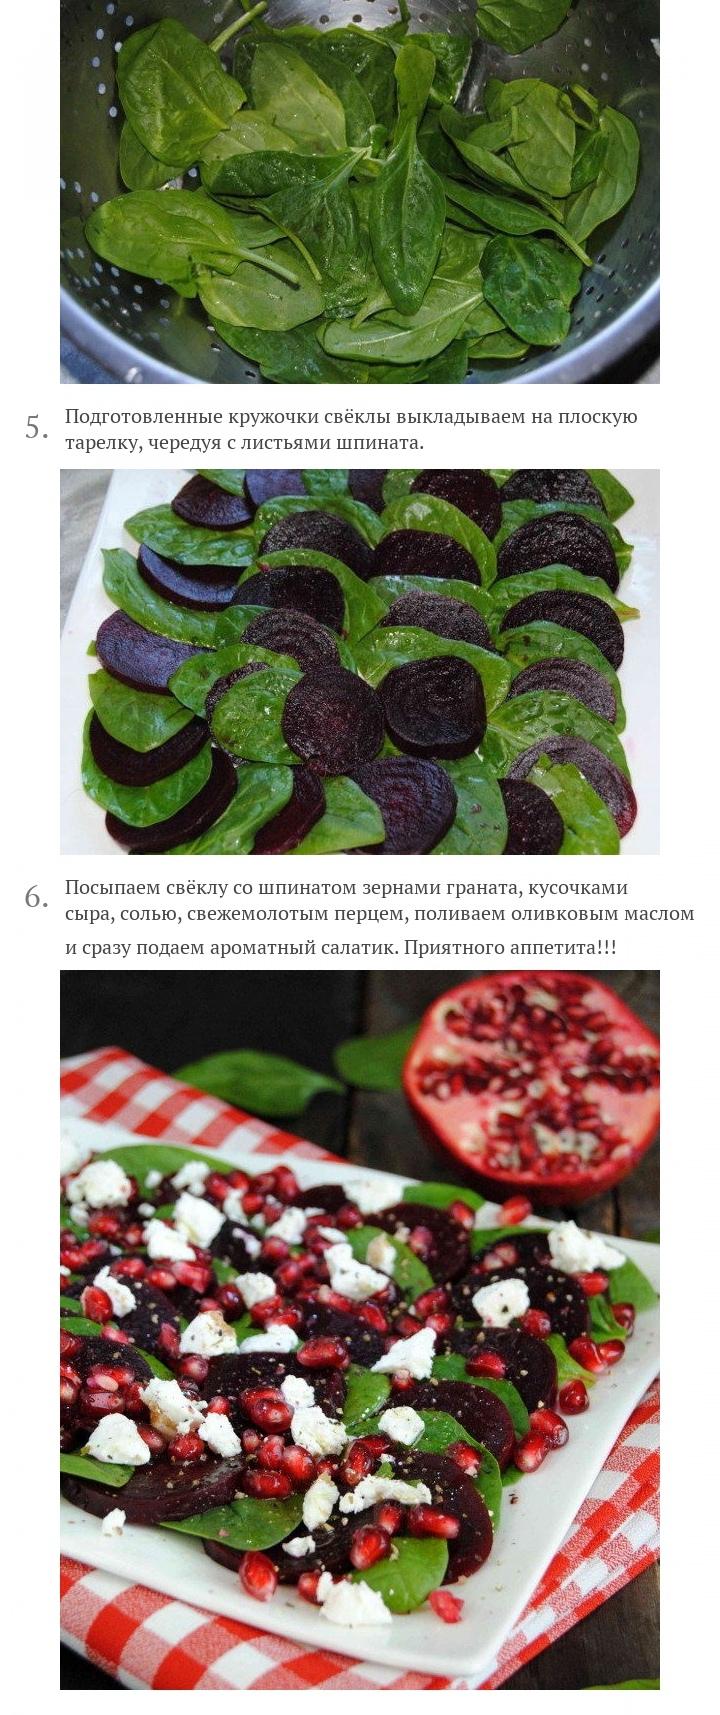 Свекольный салат со шпинатом, гранатом и сыром, изображение №3